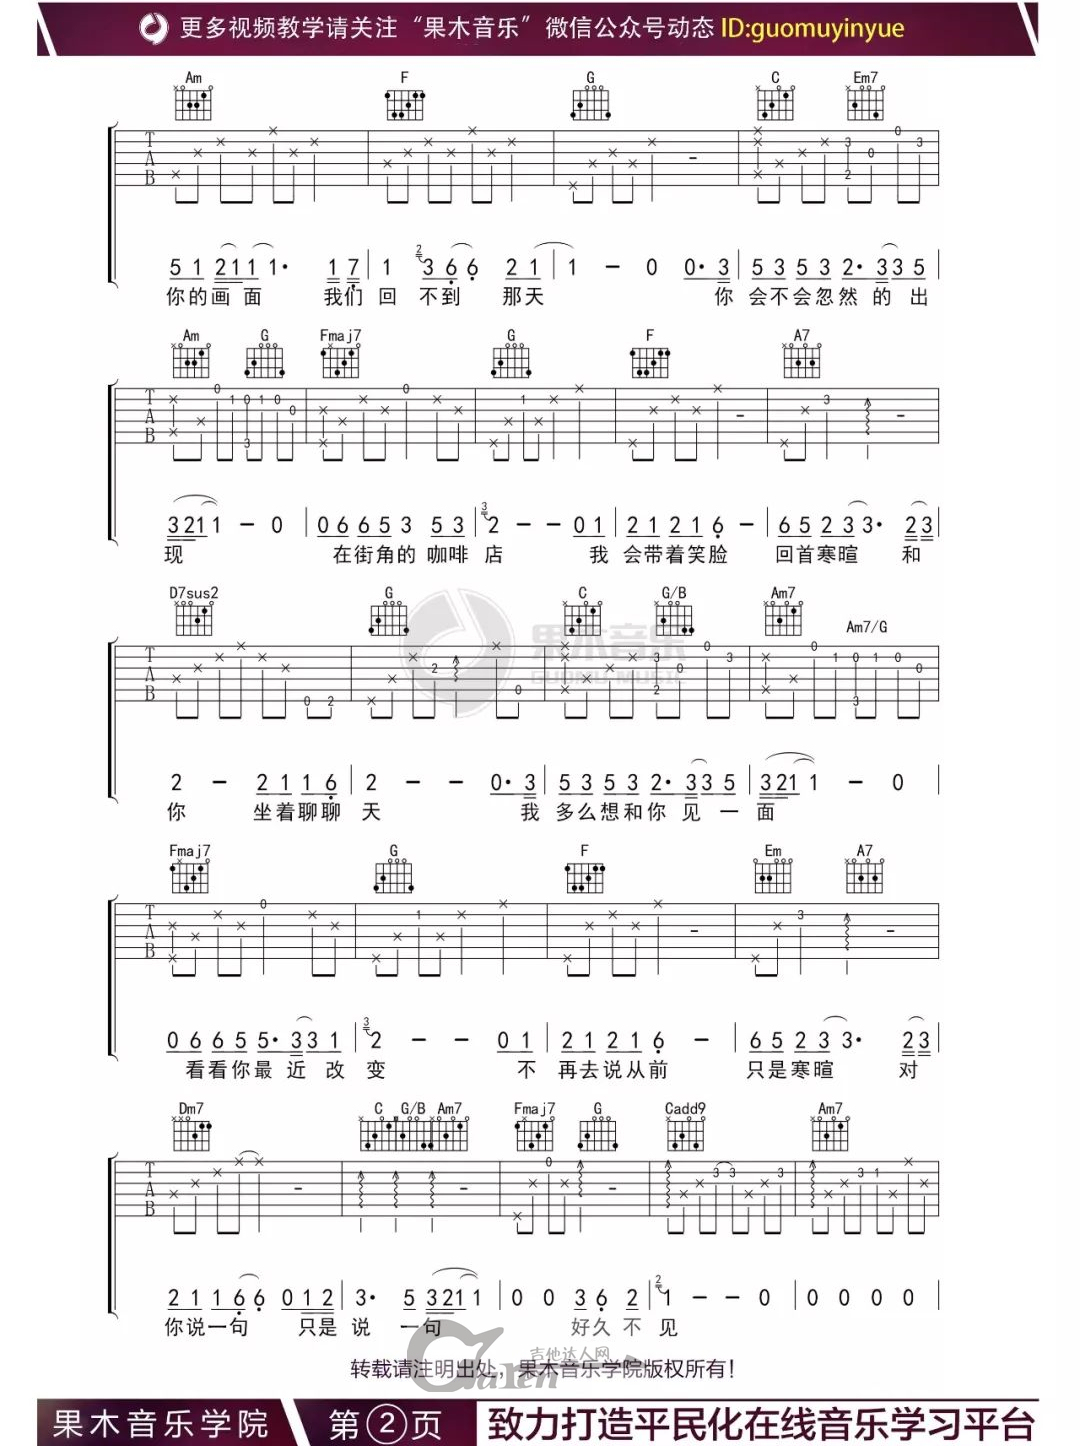 陈奕迅《好久不见》C调吉他谱_吉他教学视频_吉他达人网